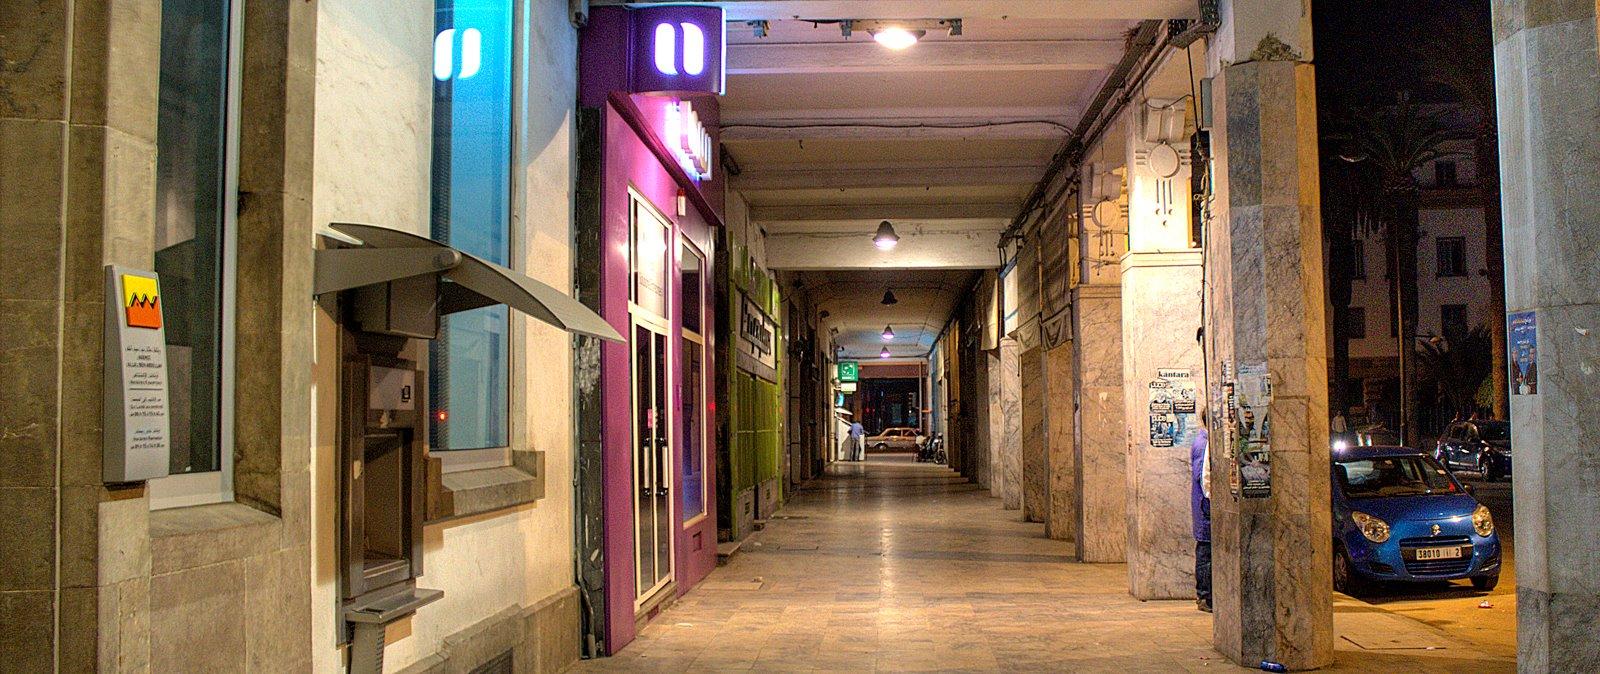 Avenue Allal Ben Abdellah